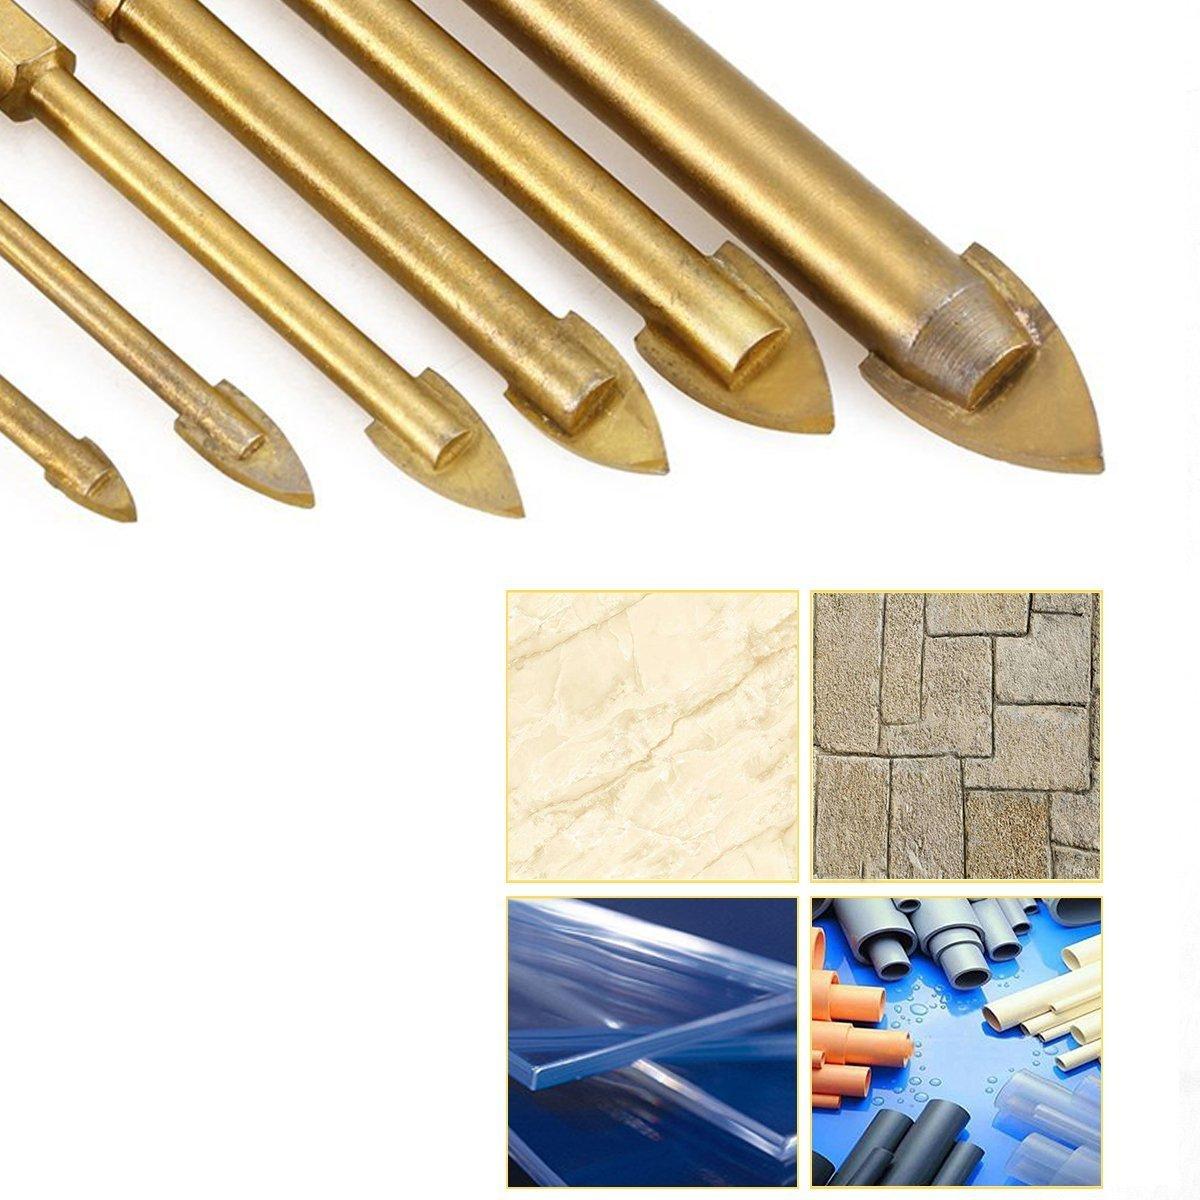 Broca para taladro de cristal de 1//4 hexagonal espejo de cer/ámica aleaci/ón de carburo chapada en titanio para azulejos de vidrio 7 piezas porcelana m/ármol 3//4//5//6//8//10//12 mm